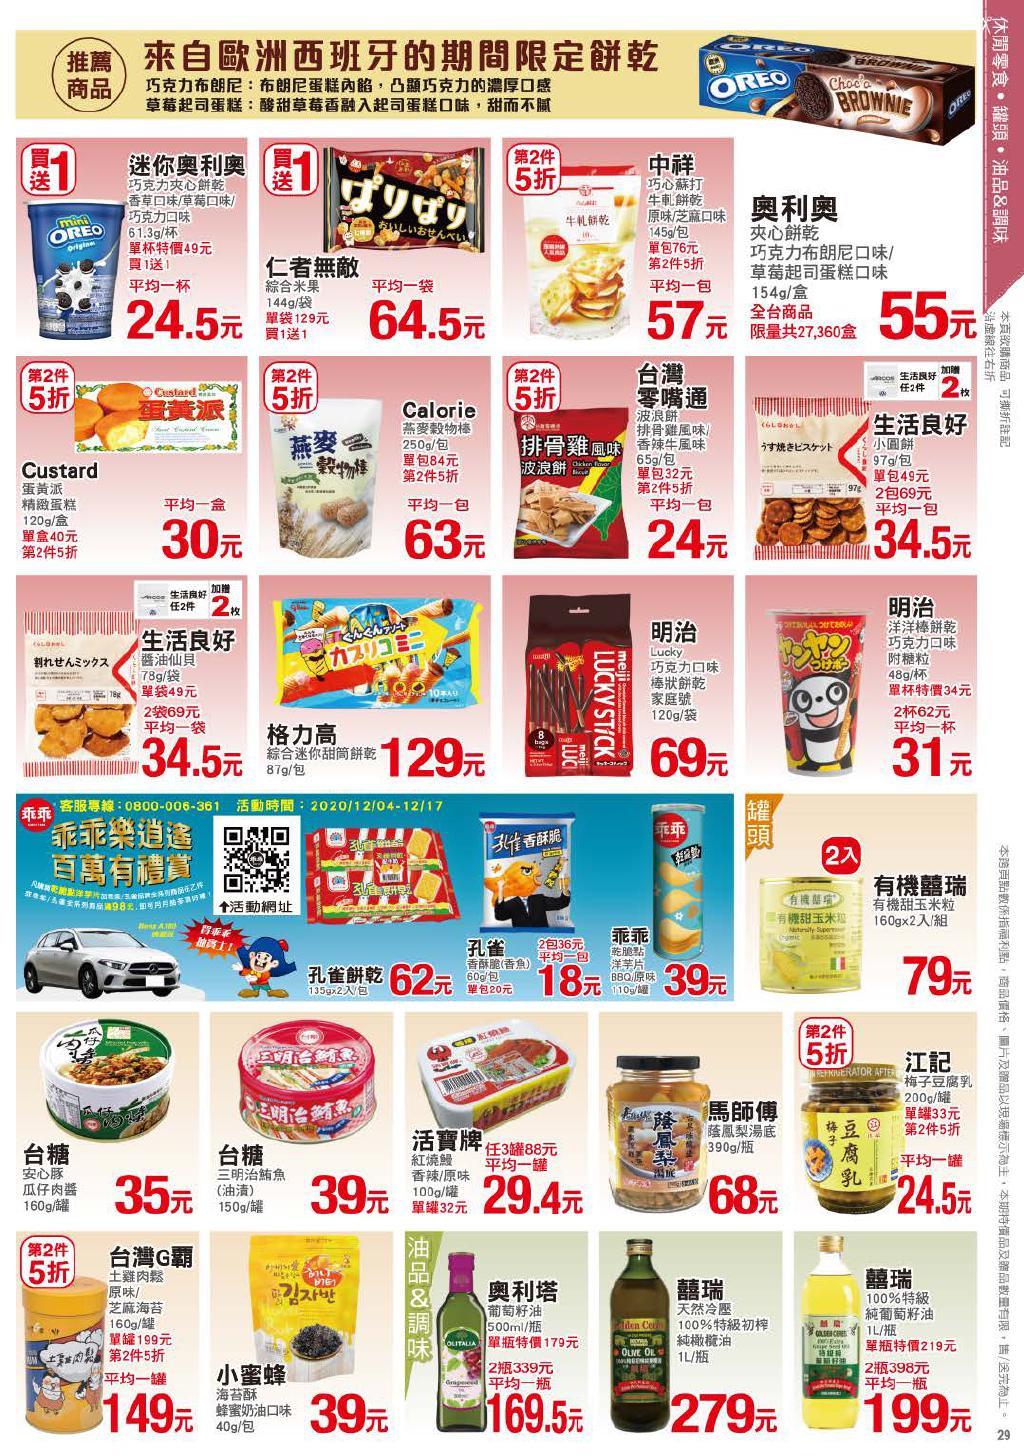 pxmart20201217_000029.jpg